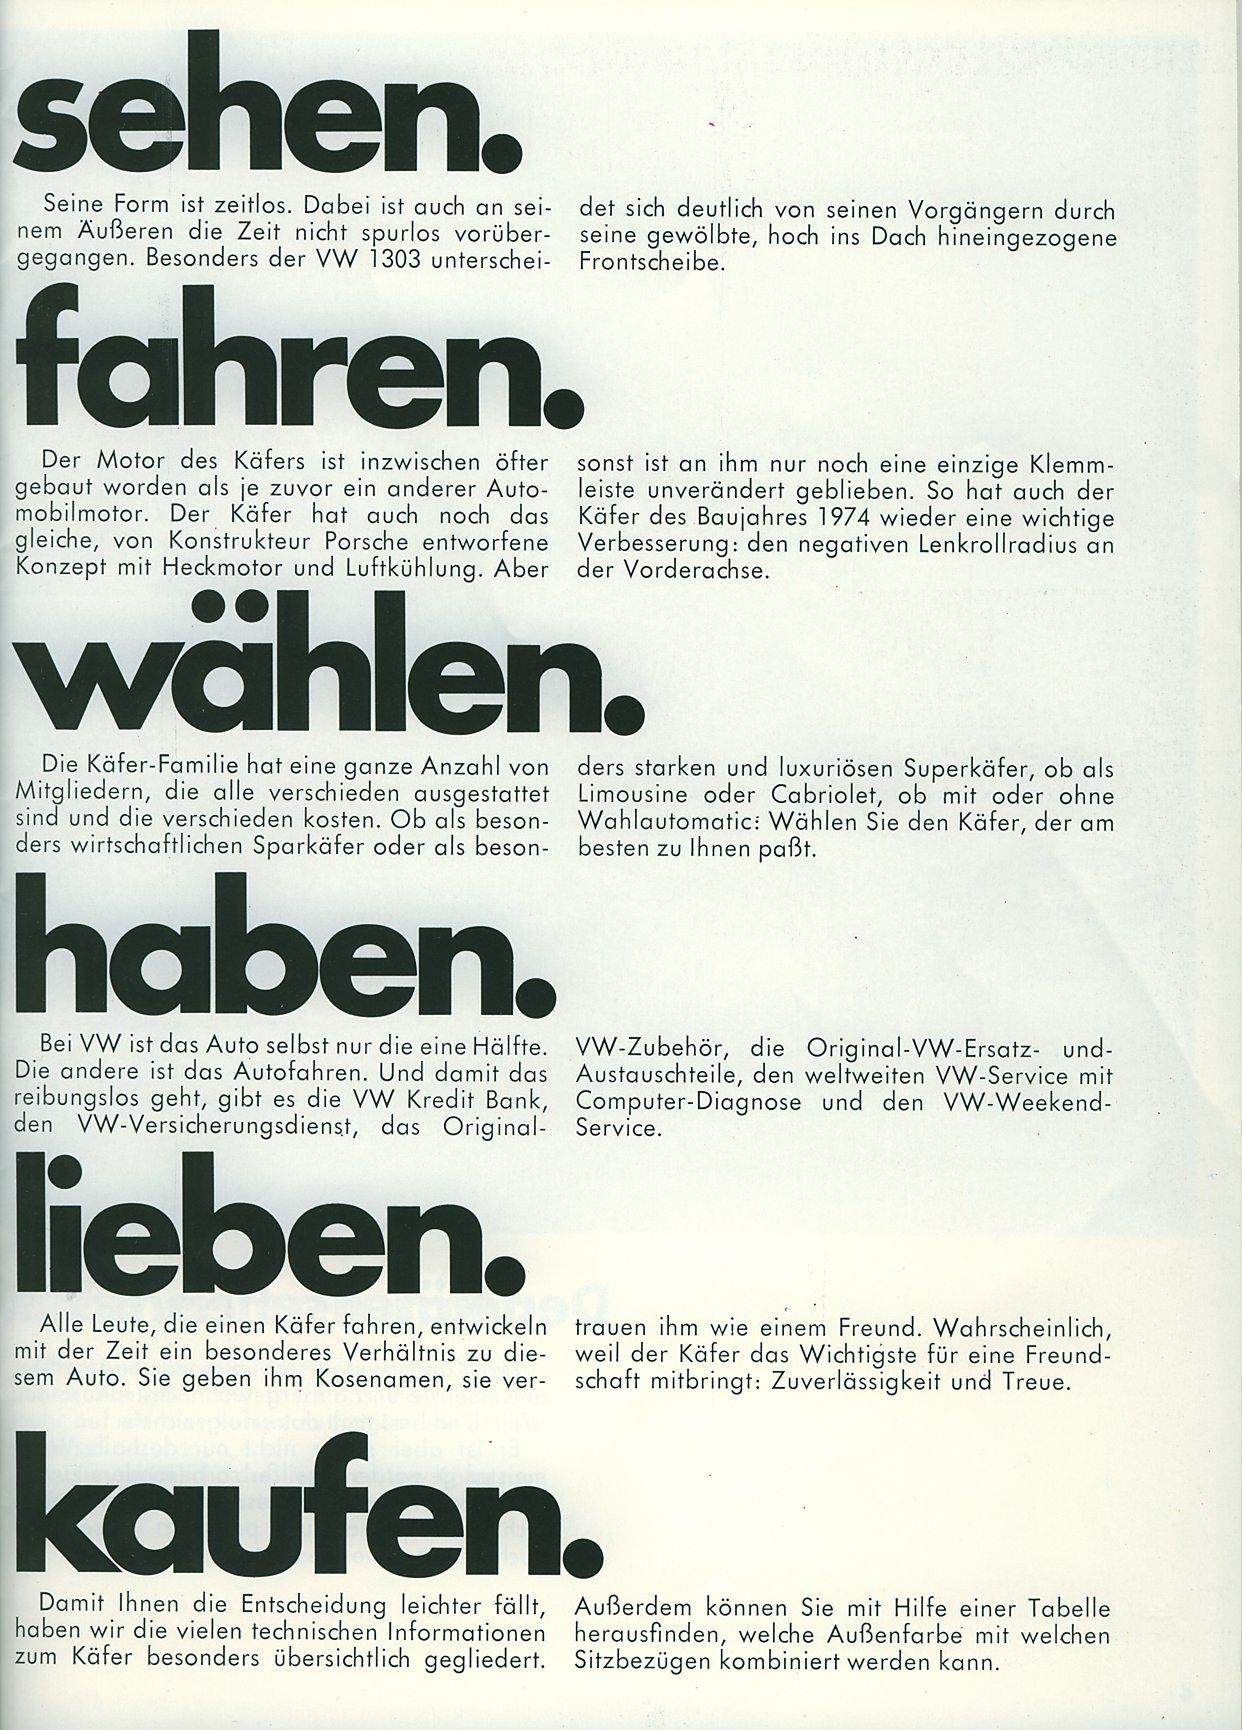 Großartig Weil Mclain Unternehmen Zeitgenössisch - Der Schaltplan ...